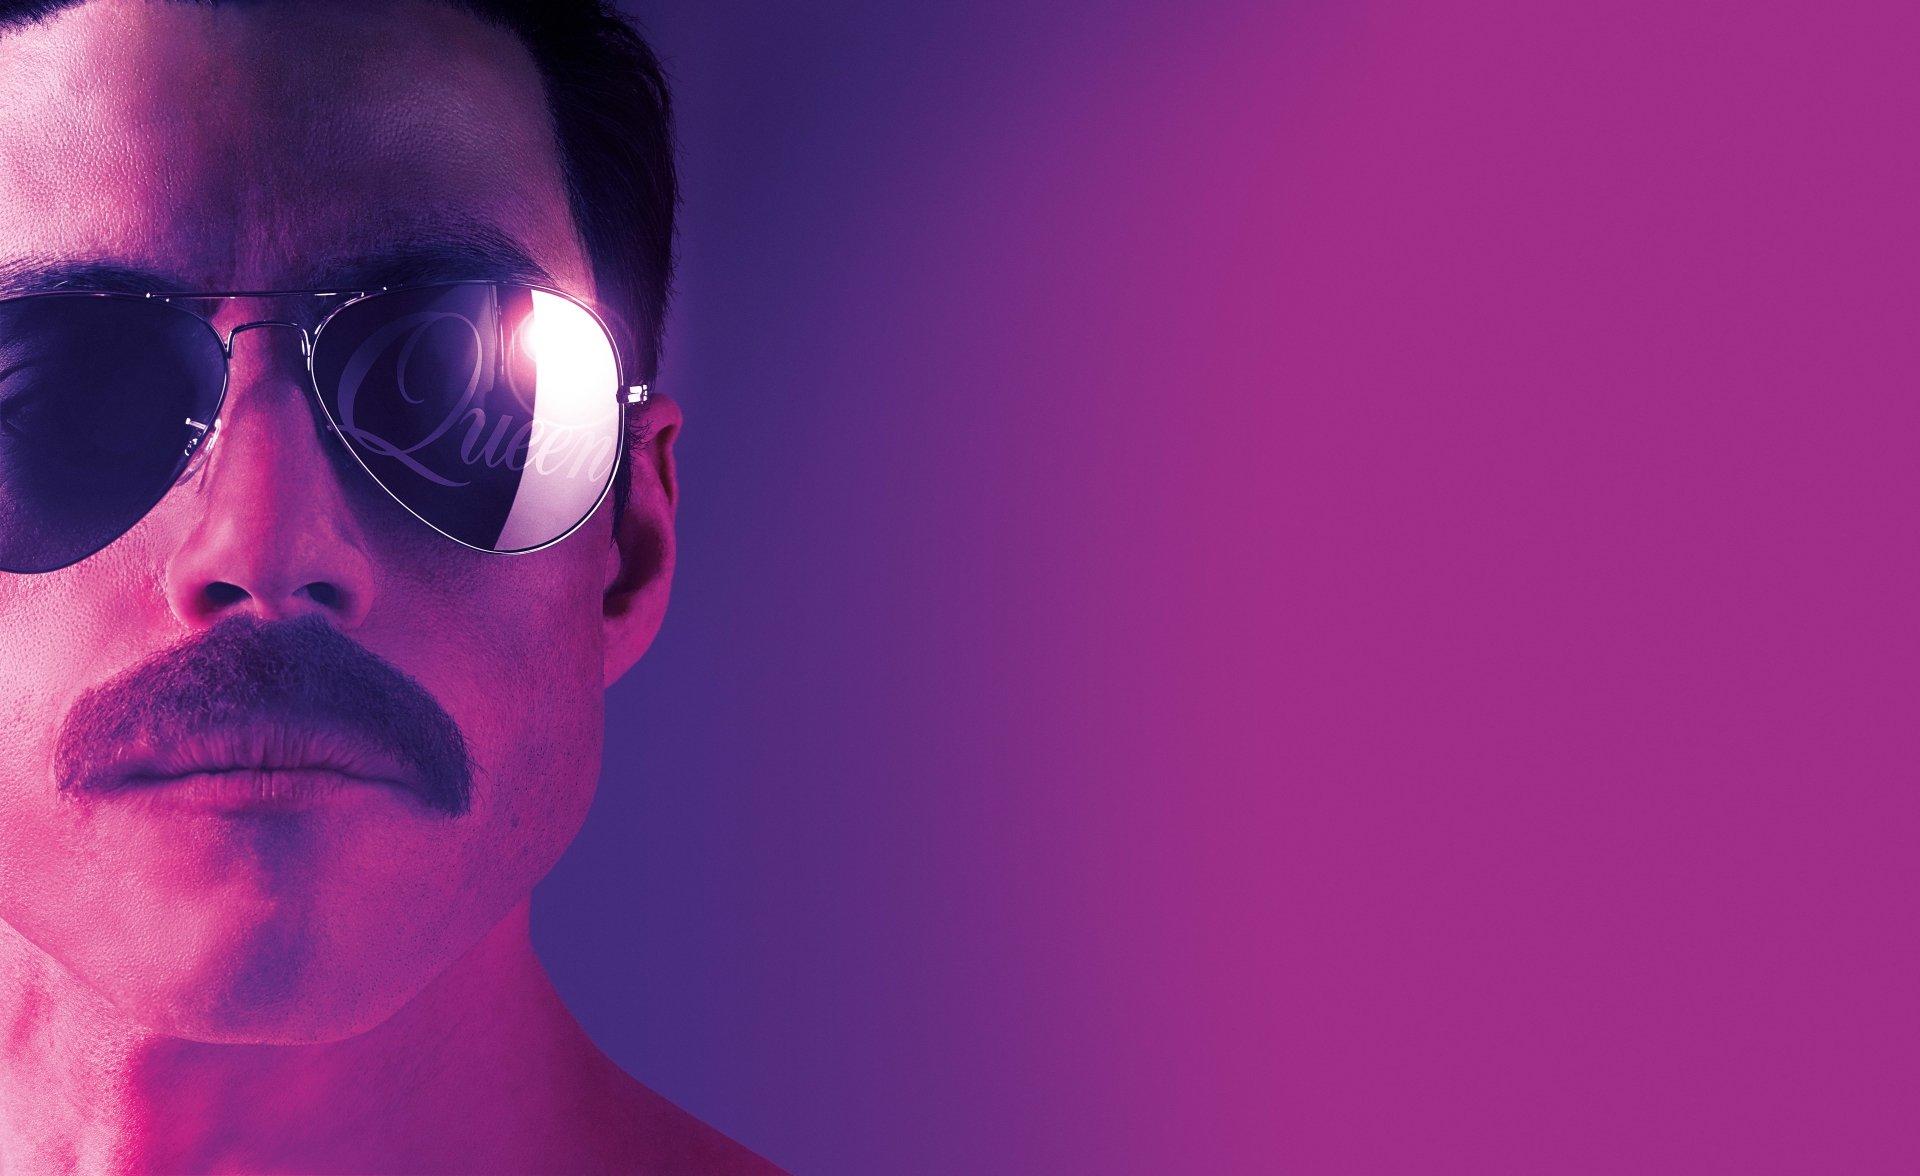 Bohemian Rhapsody 8k Ultra HD Wallpaper   Background Image   15679x9600   ID:955329 - Wallpaper ...